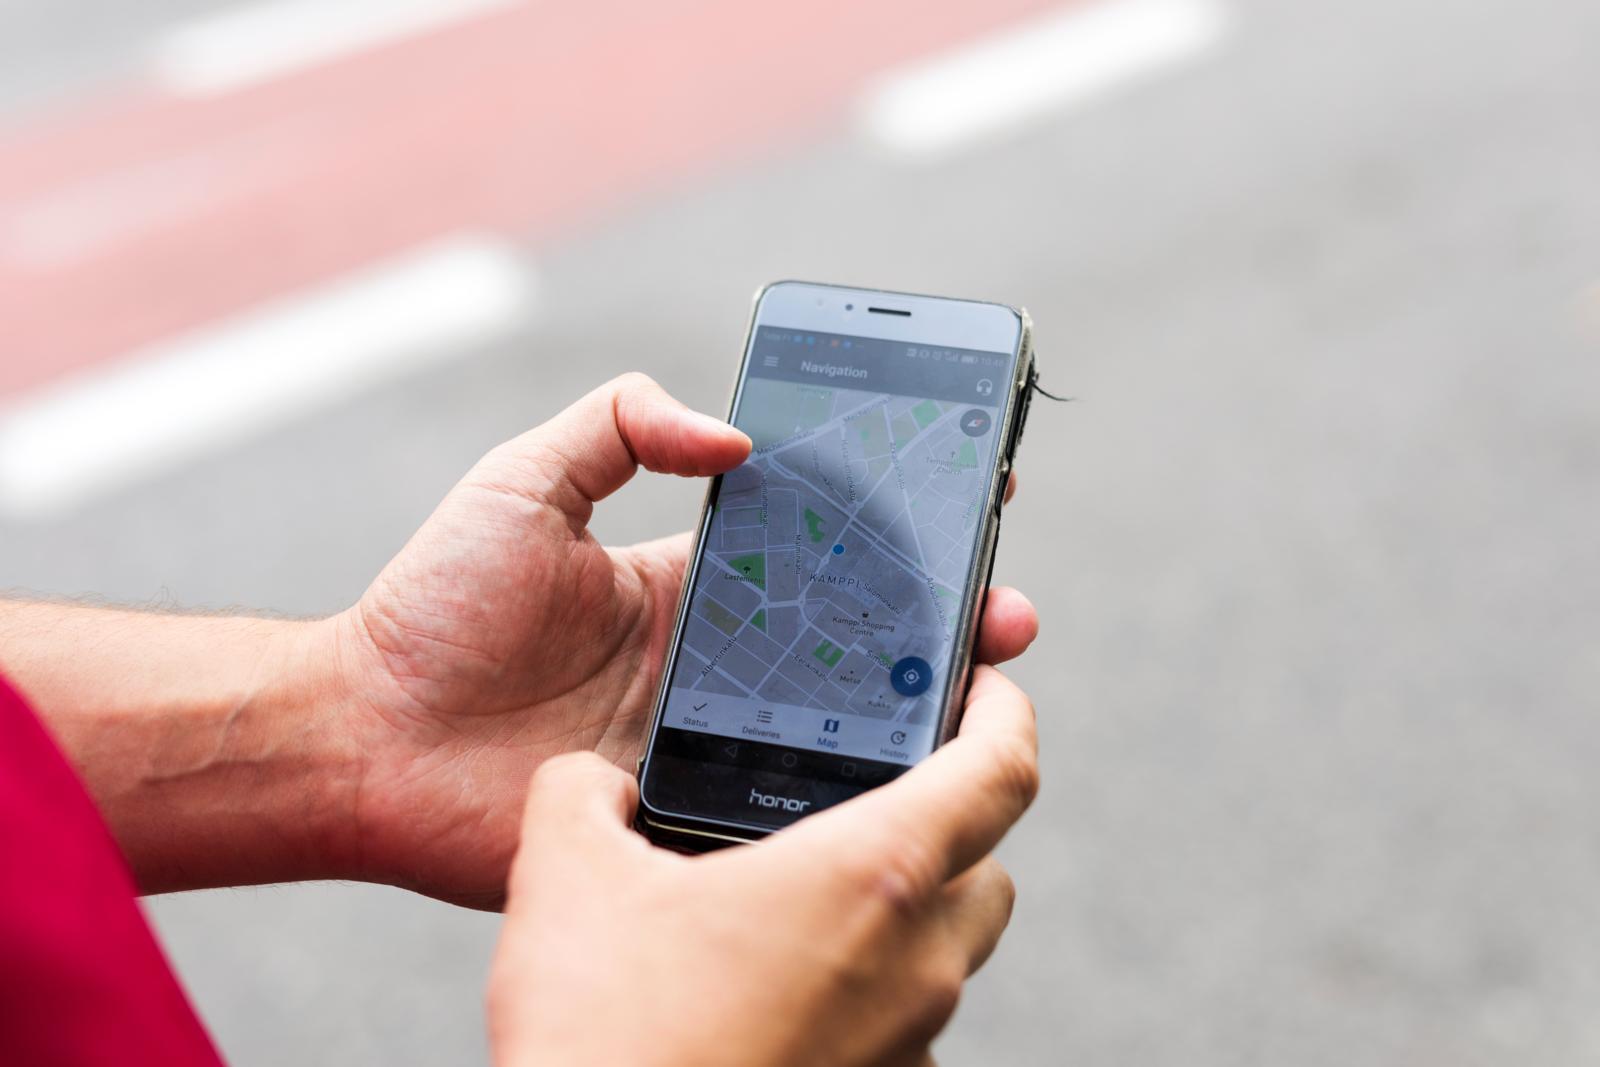 Sovellusten jatkuva käyttö laittaa puhelimen kovalle kulutukselle. Hamidullan puhelimesta akku meni vaihtoon vuoden käytön jälkeen ja sen lisäksi hän on investoitunut usean kympin maksavaan vara-akkuun. Kuva: Anna Autio